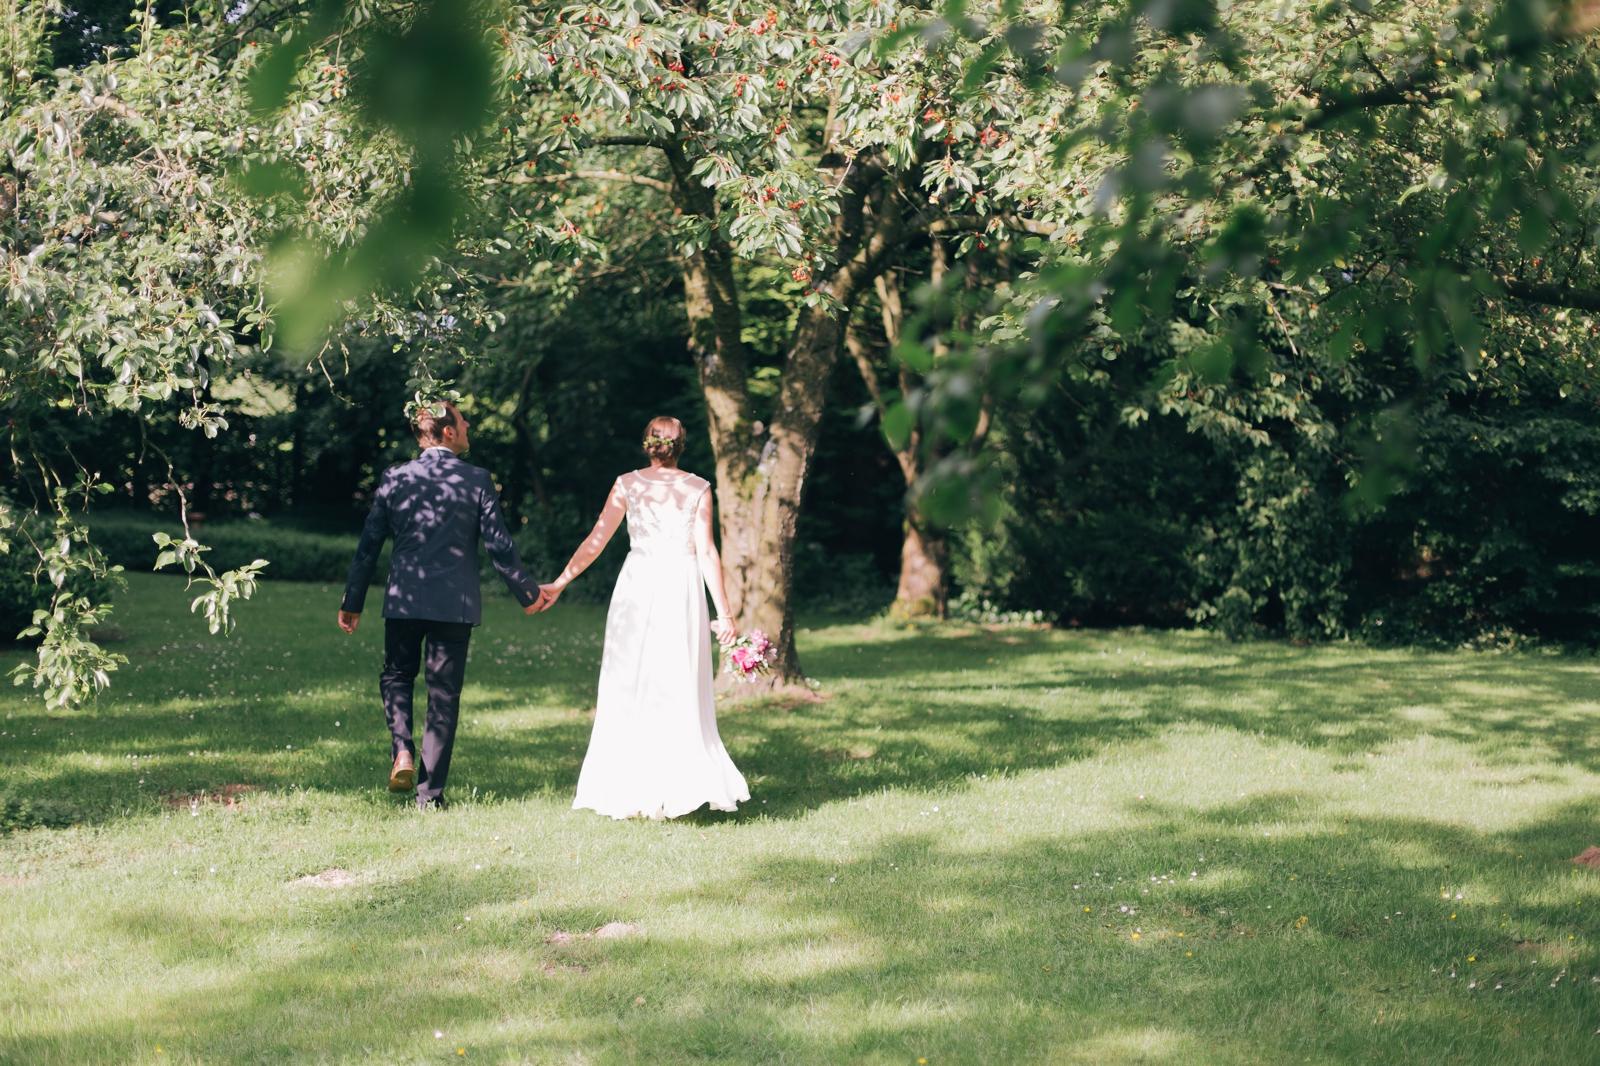 Monstergraphie_Hochzeitsreportage_Bottrop11.jpg?fit=1600%2C1066